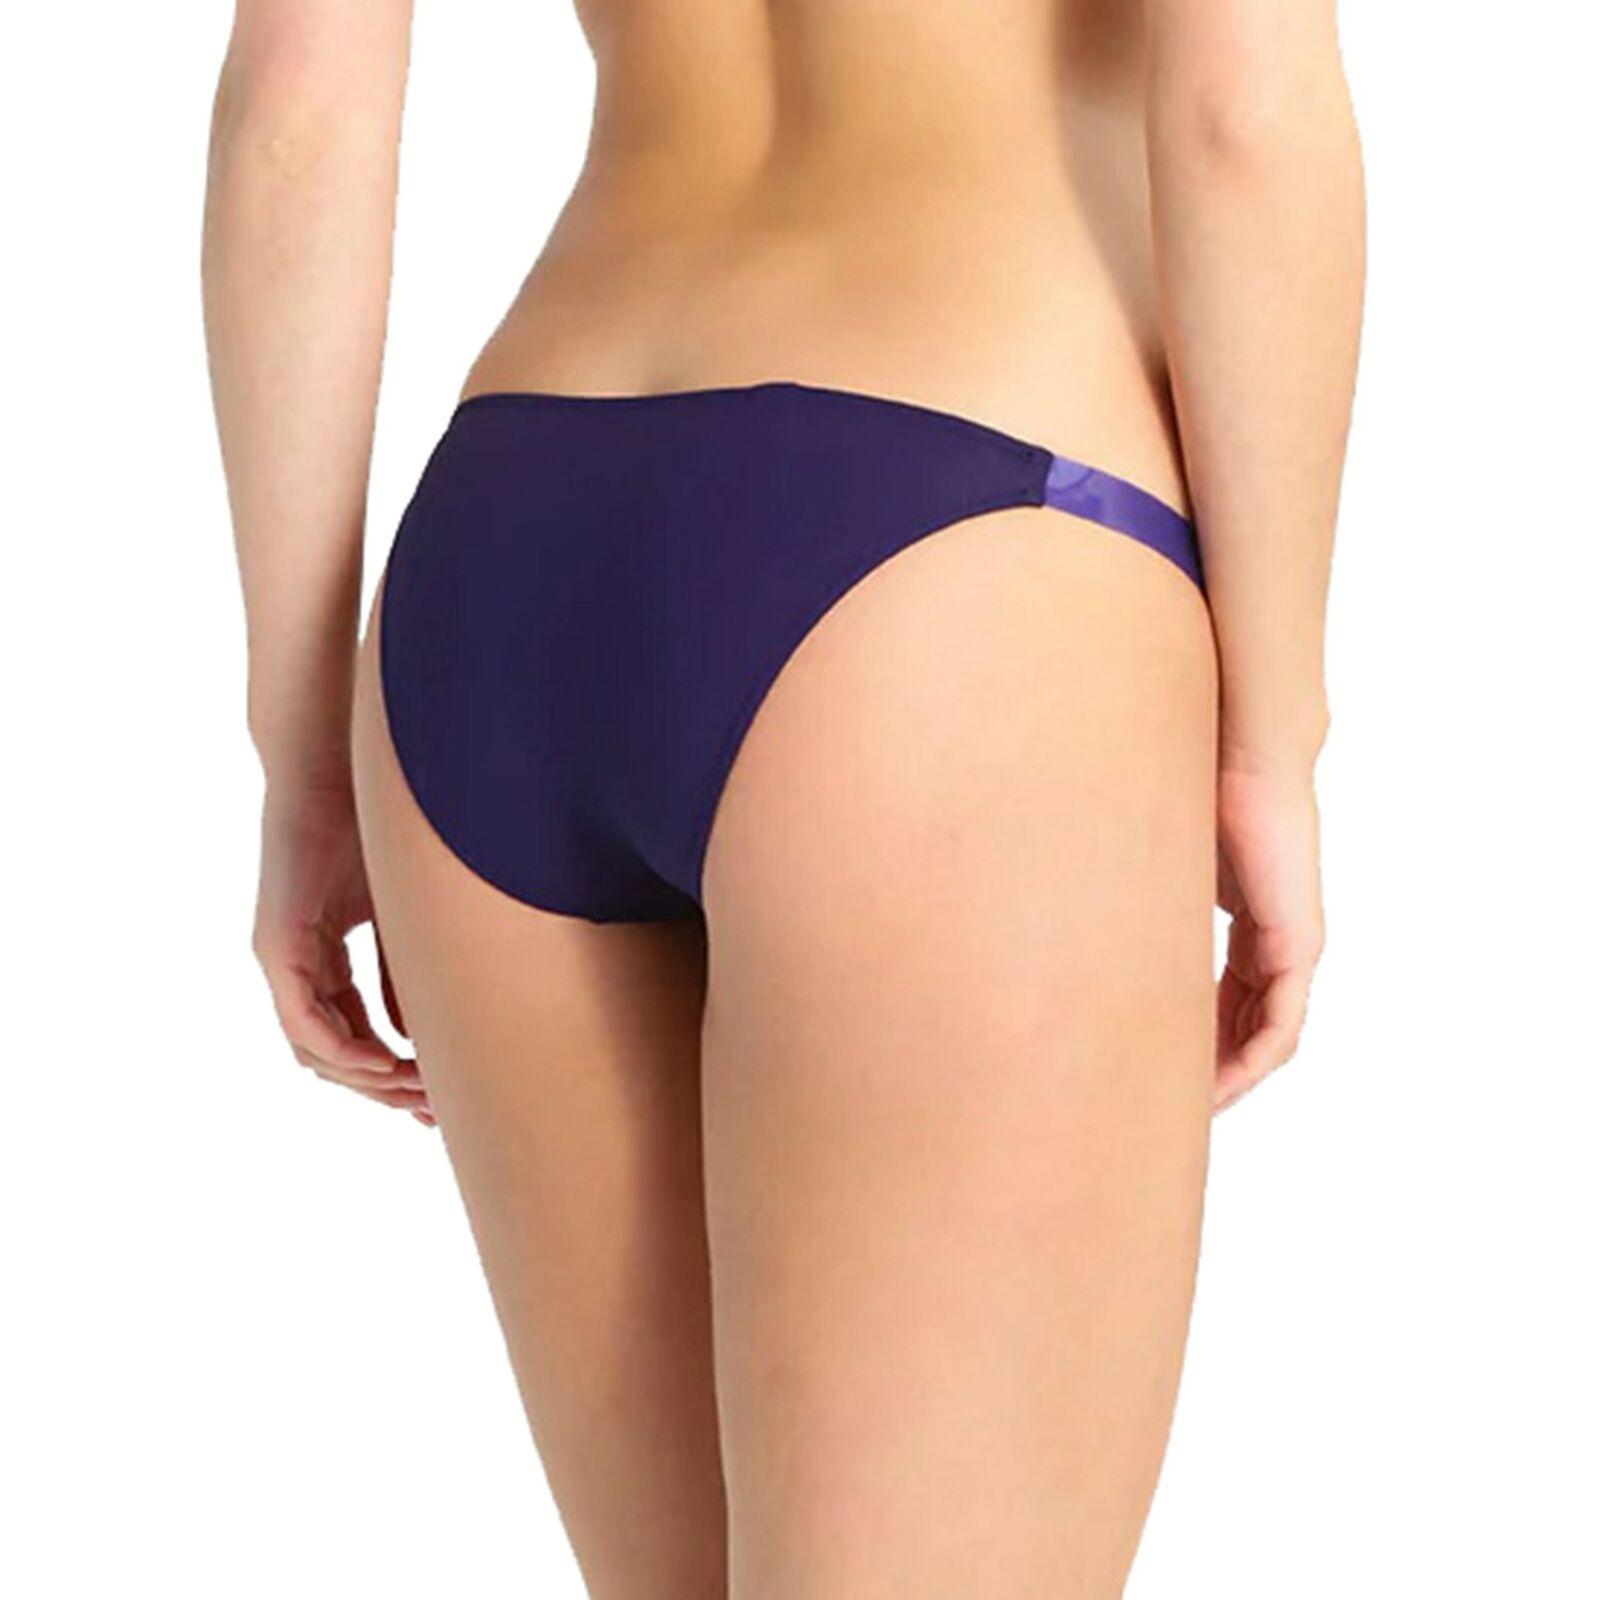 La Perla Dunkles lilat Bunt Riemen Damen Damen Damen Bikiniunterteil S It 2 | Schön und charmant  | Einfach zu bedienen  | Online  | Fuxin  | Die Qualität Und Die Verbraucher Zunächst  551a2c